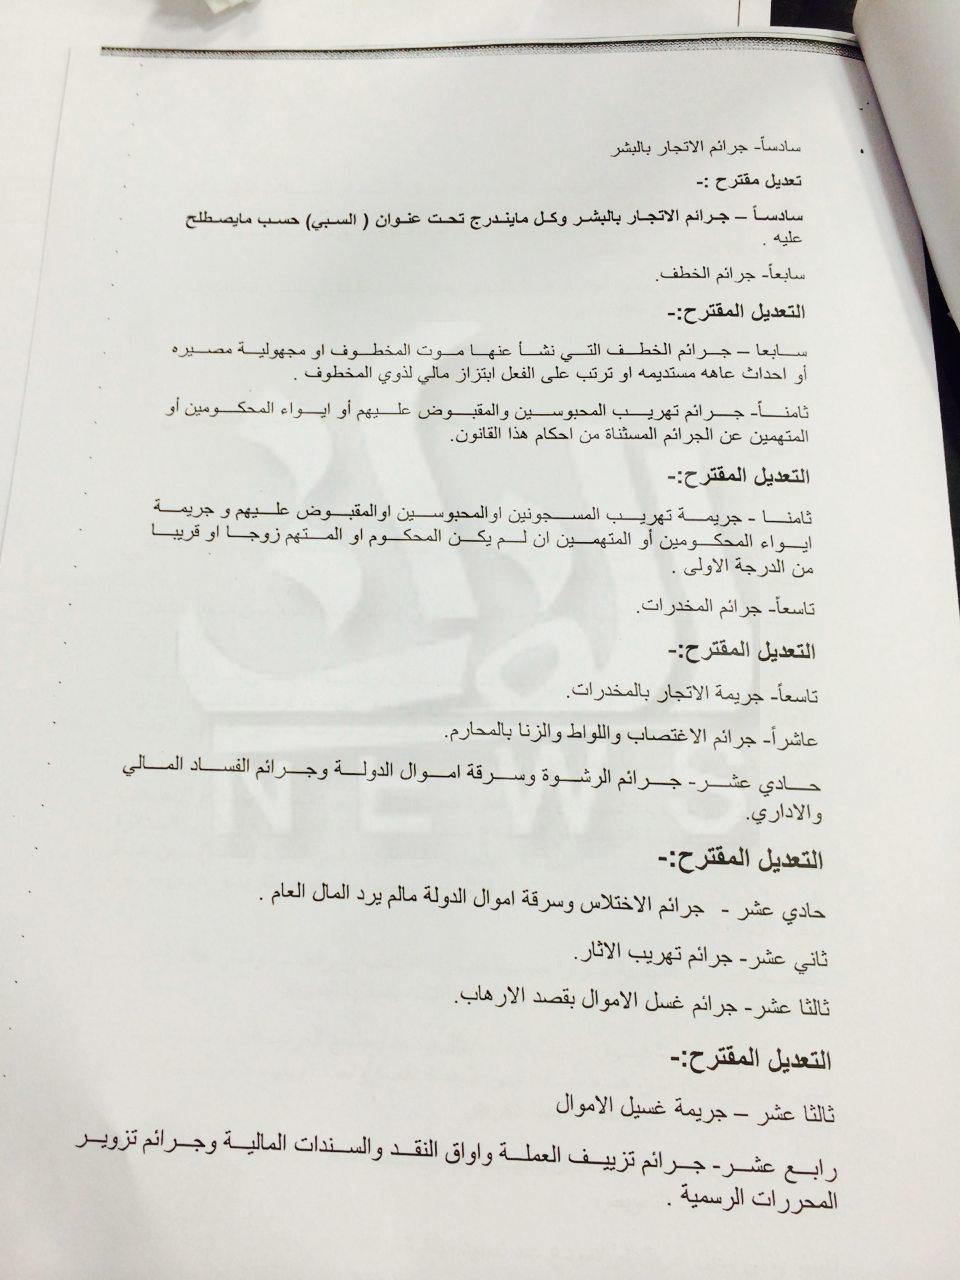 شبكة عراق الخير تنشر نص الصيغة النهائية لقانون العفو العام